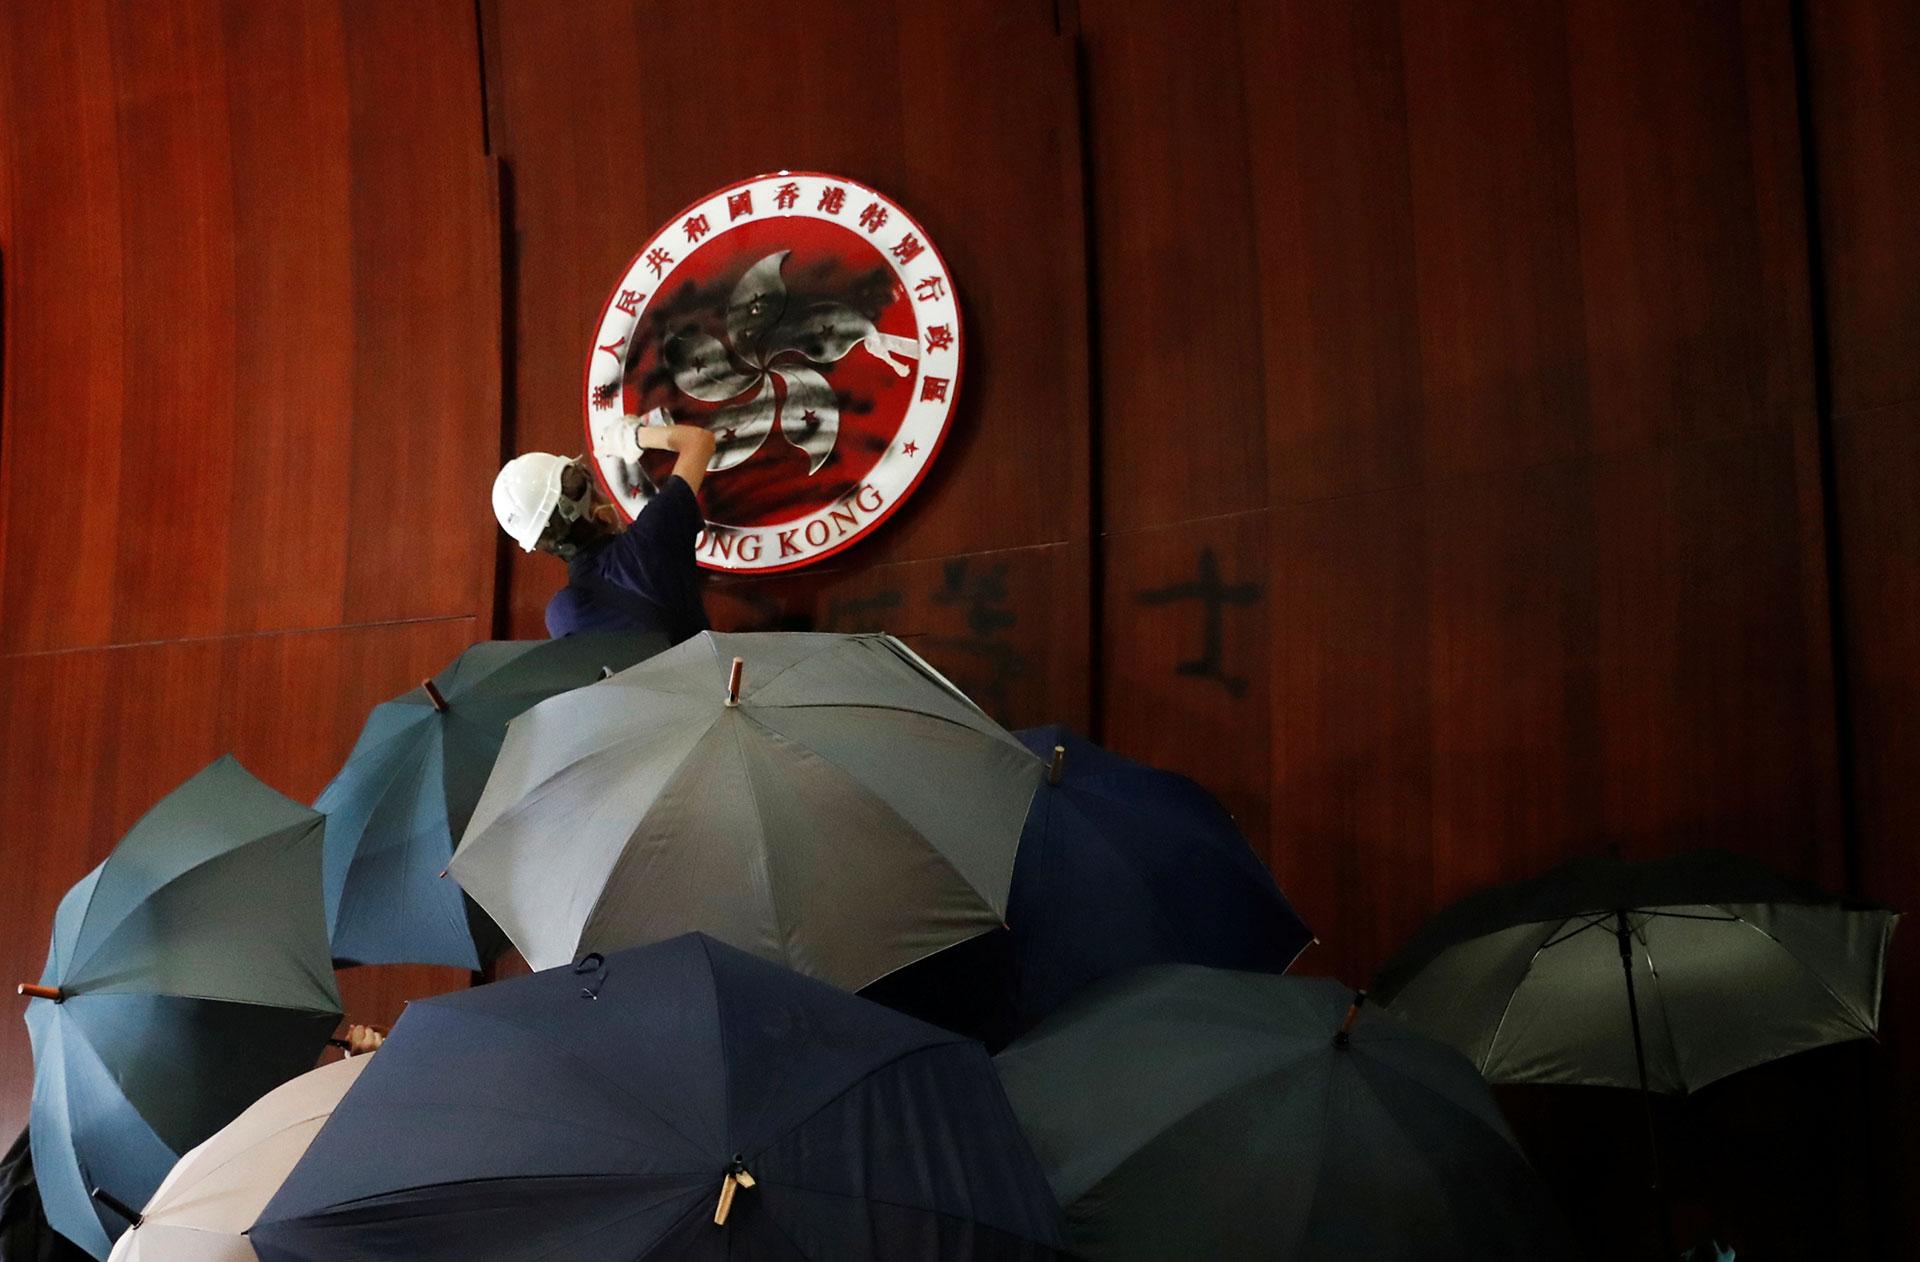 Una persona rocía pintura sobre los escudos de armas de Hong Kong dentro de una cámara legislativa. (Reuters / Tyrone Siu)